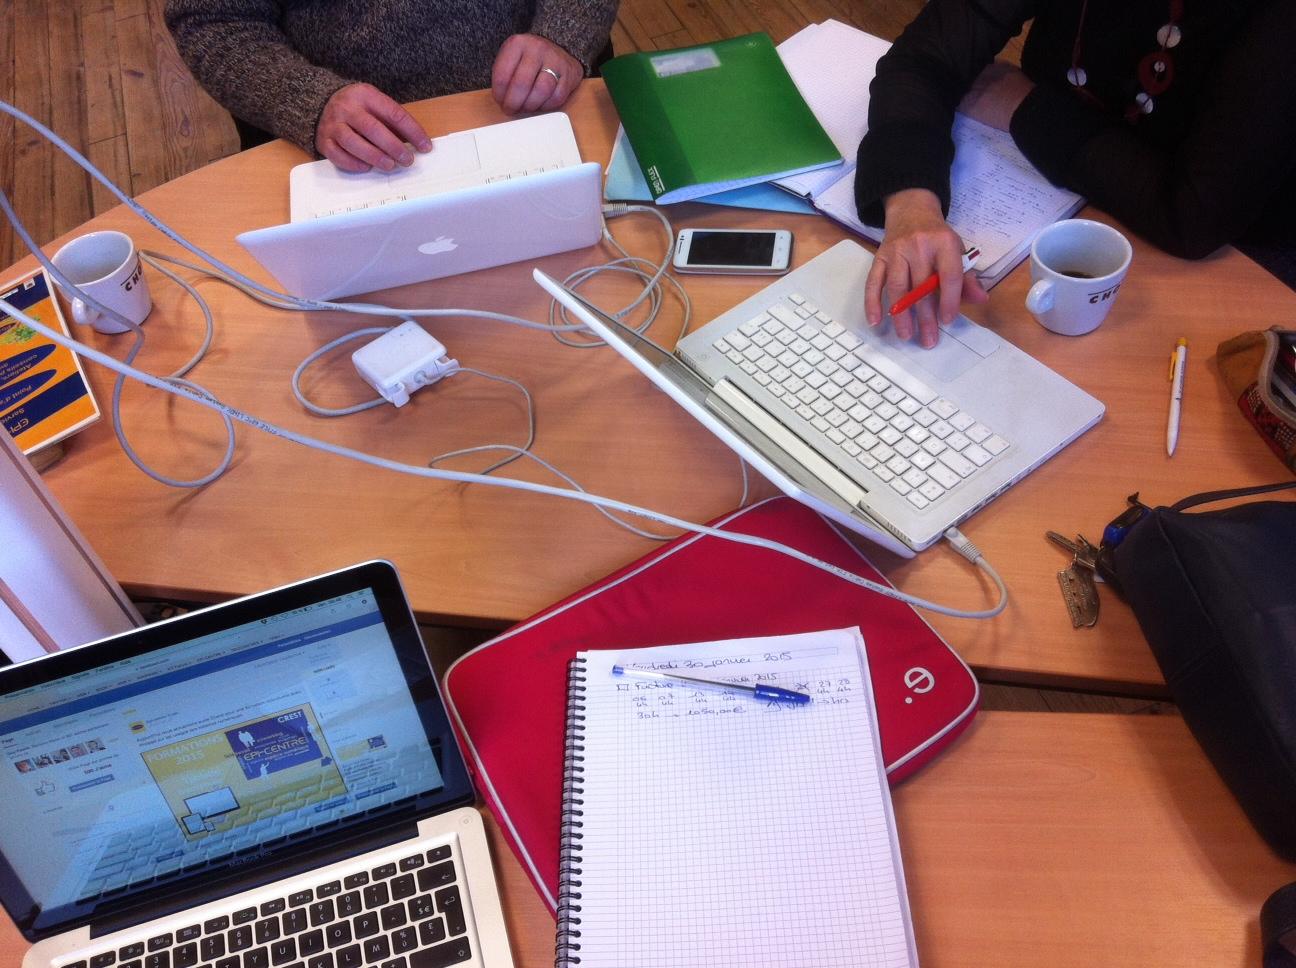 Epi-centre Crest Coworking Télétravail Médiation Numérique Internet Tiers-Lieux Travail collaboratif